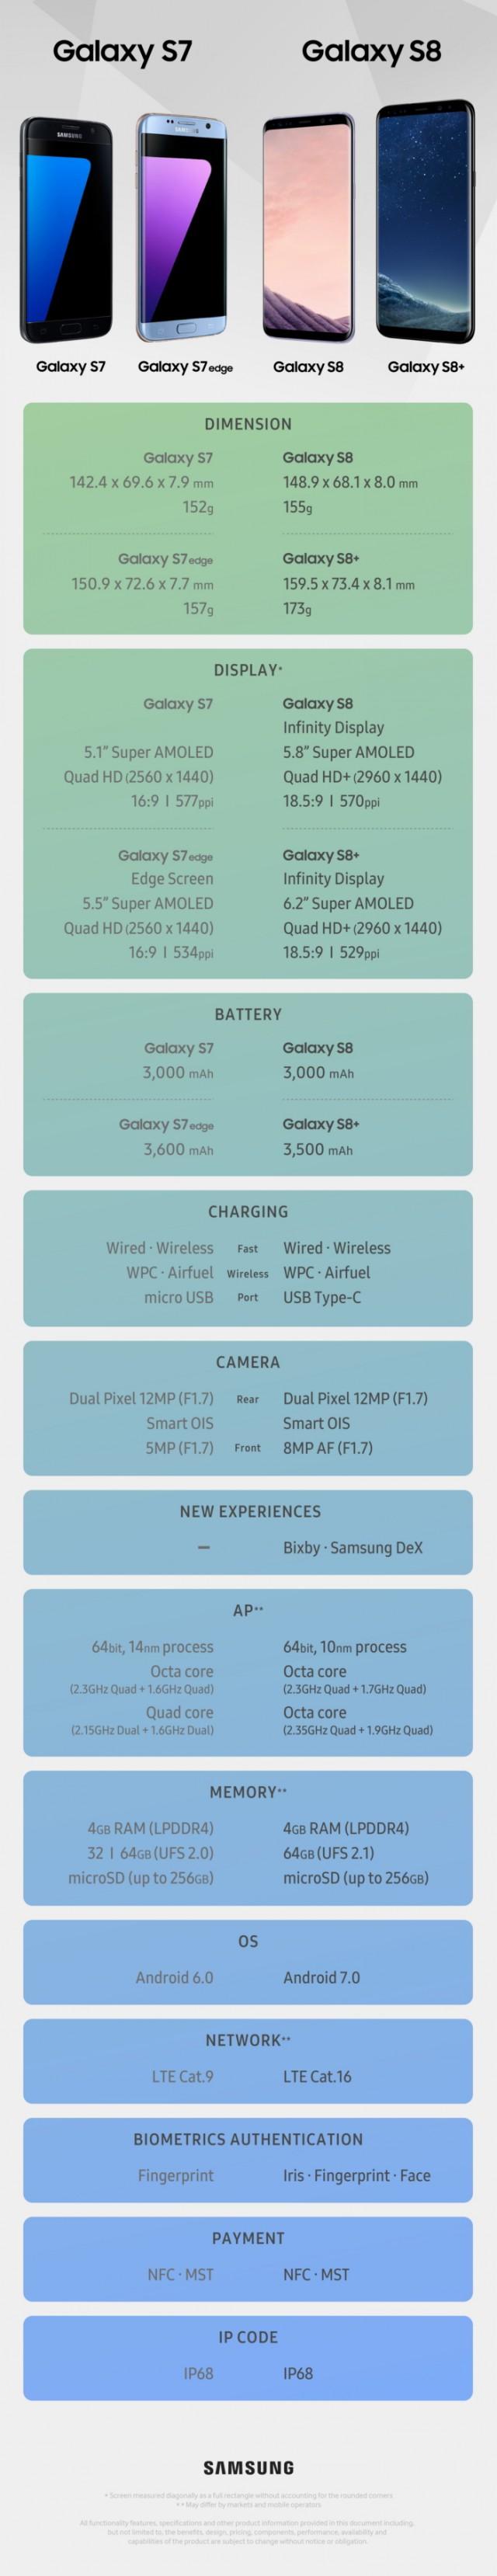 Samsung Galaxy S7 Galaxy S7 edge vs Galaxy S8 Galaxy S8+